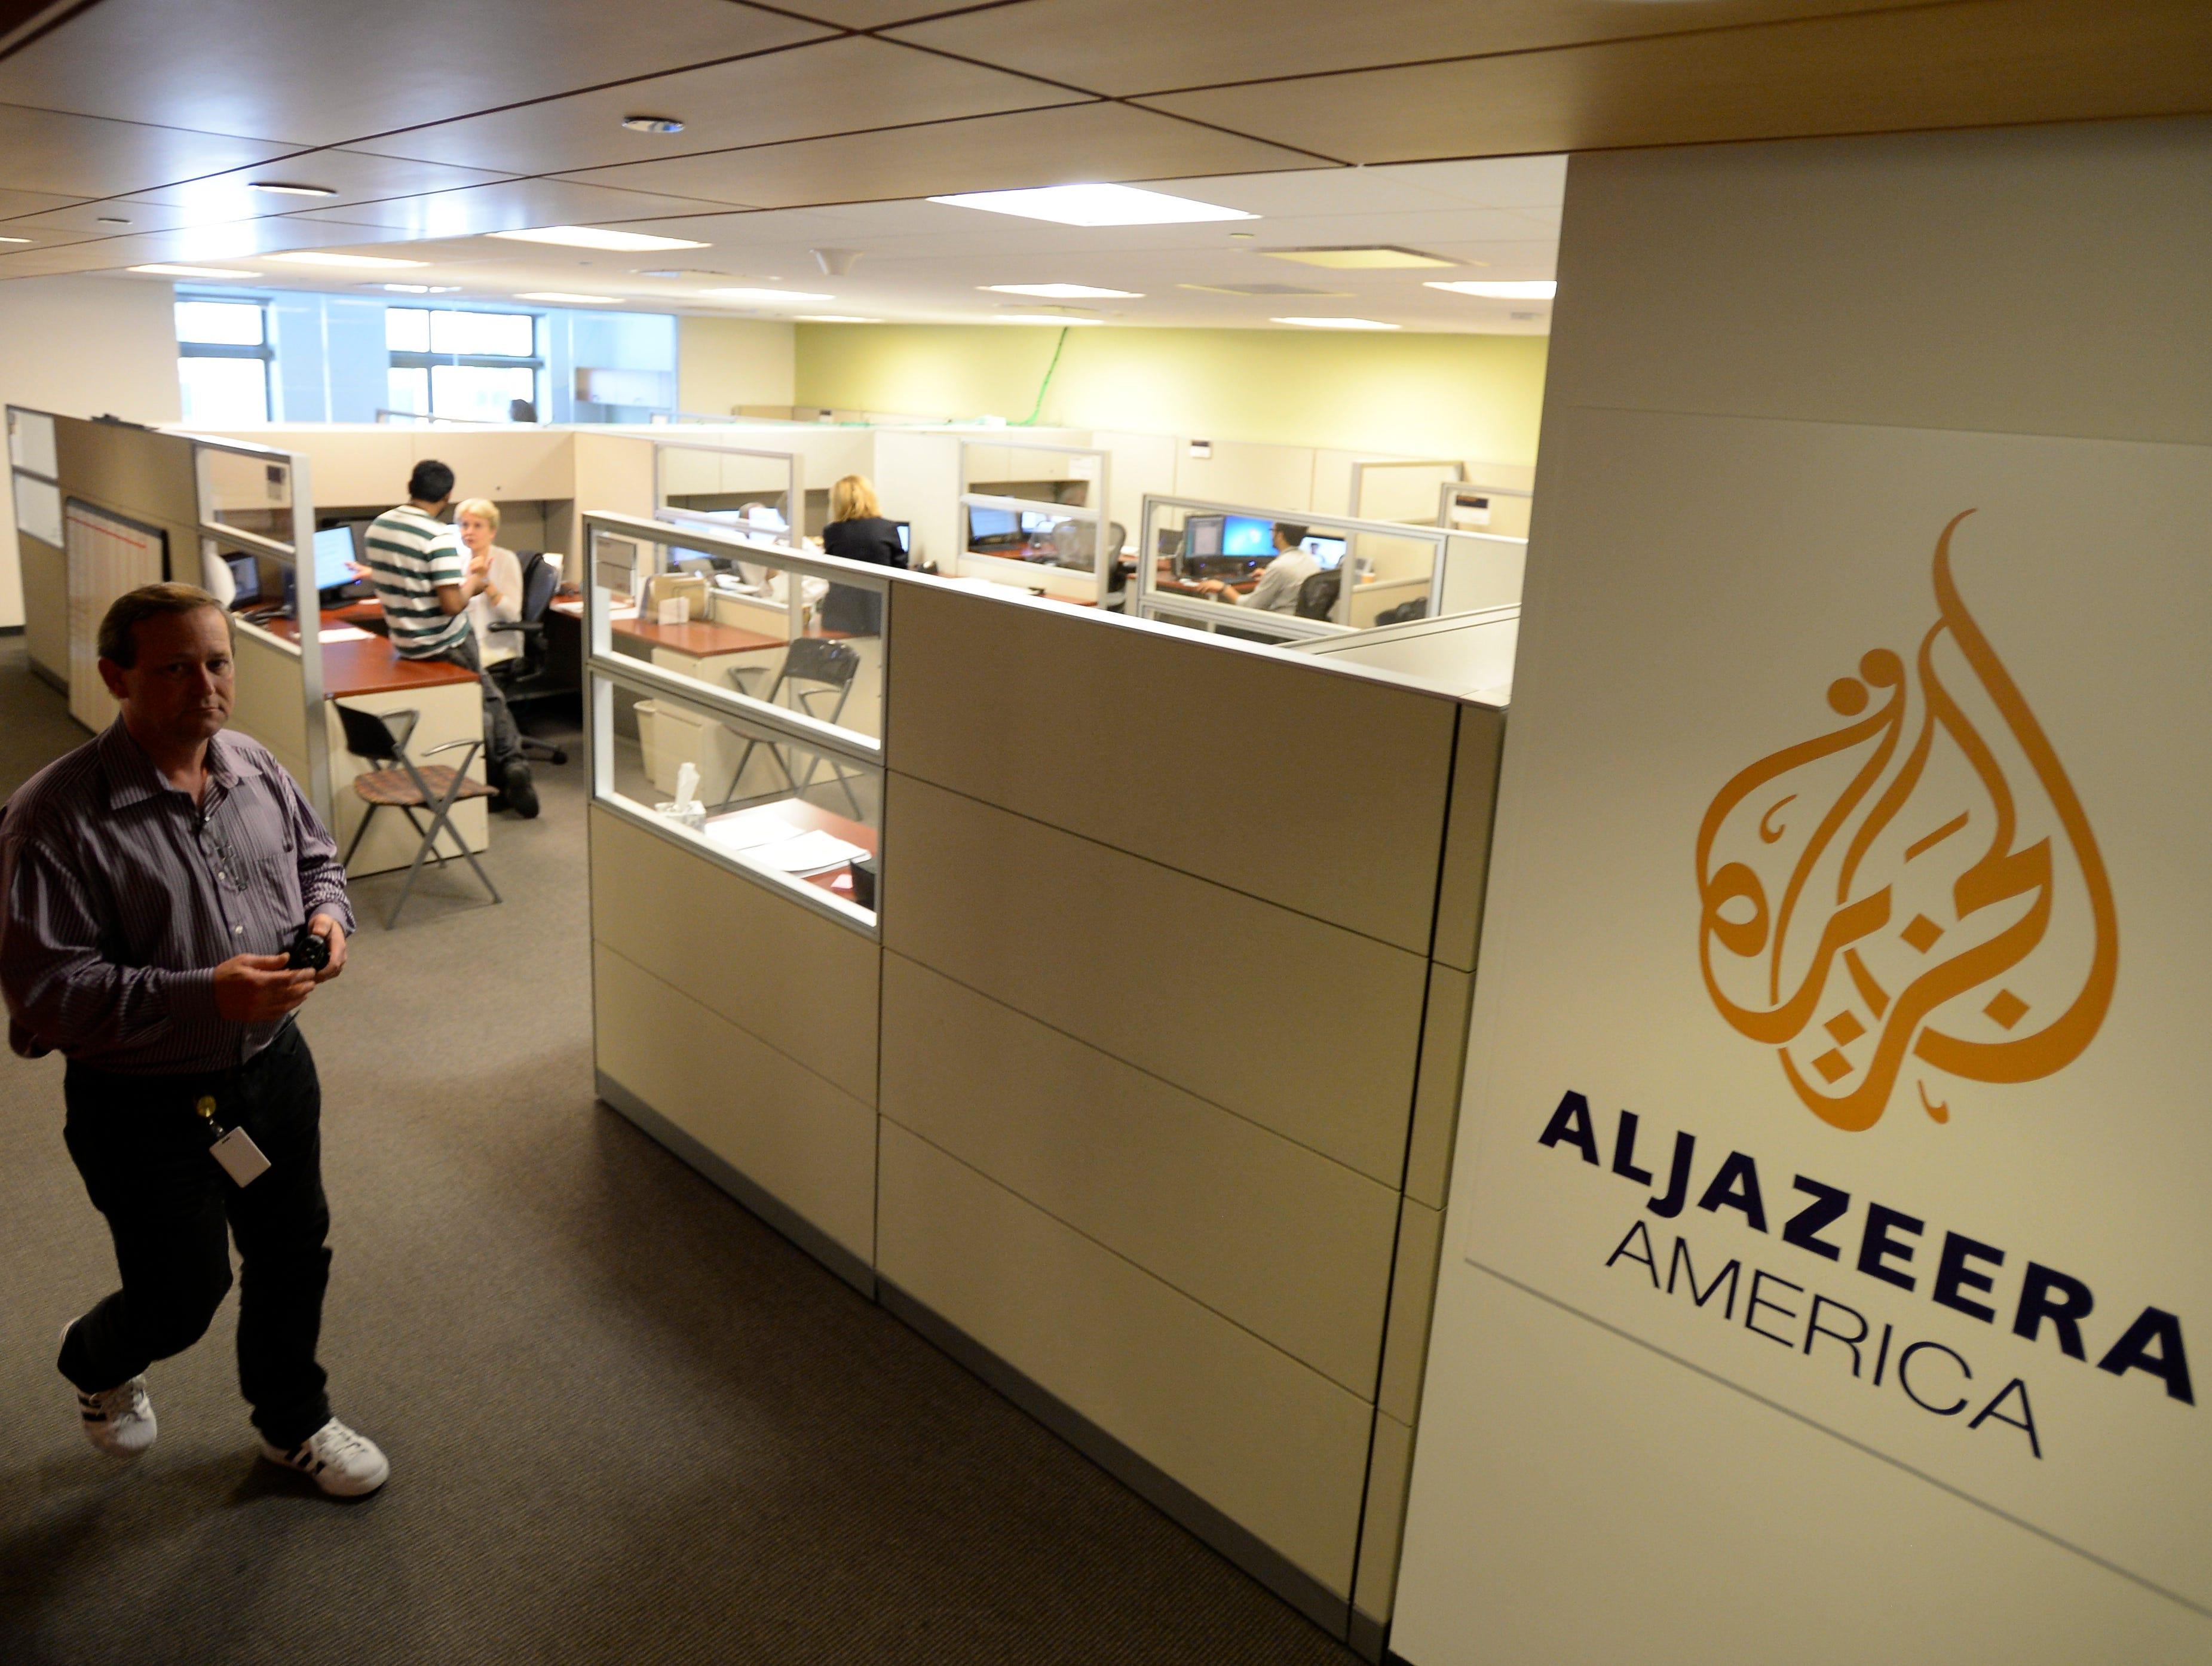 Your Say Al Jazeera